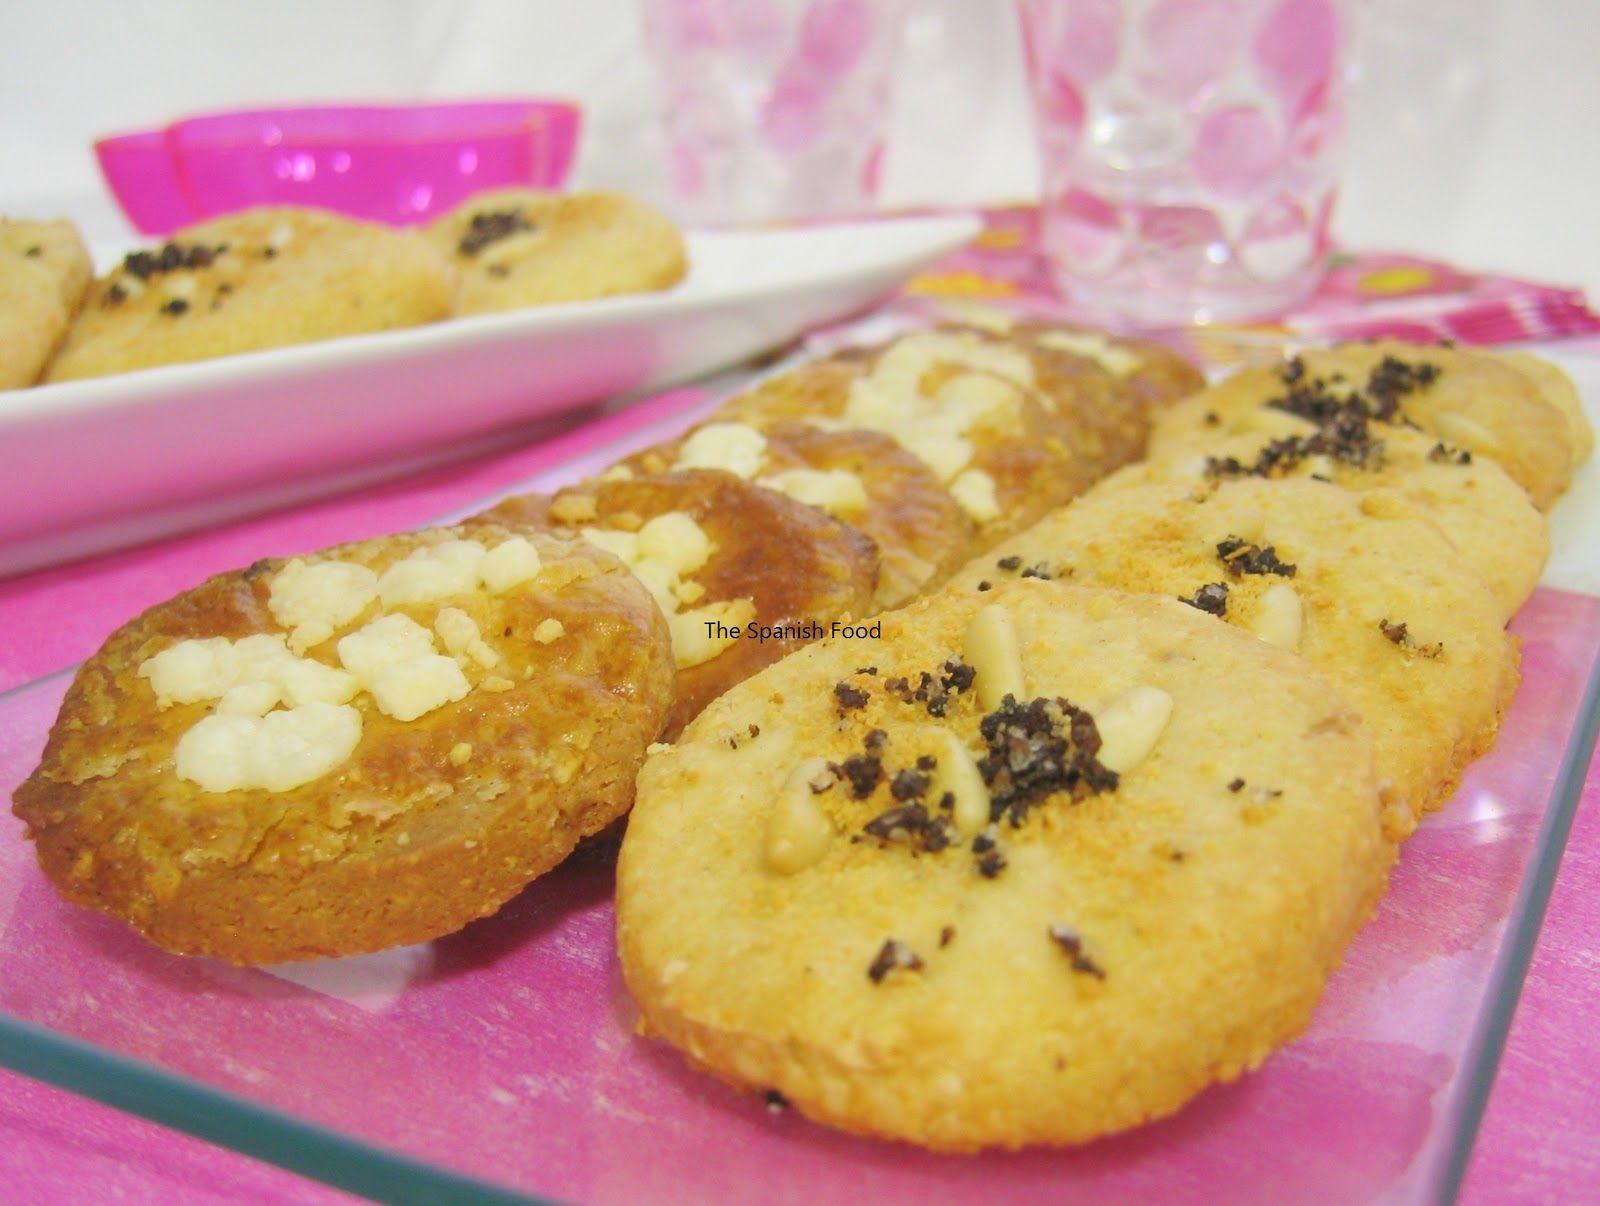 Galletas de queso y eso the spanish food diadelagalleta food forumfinder Image collections